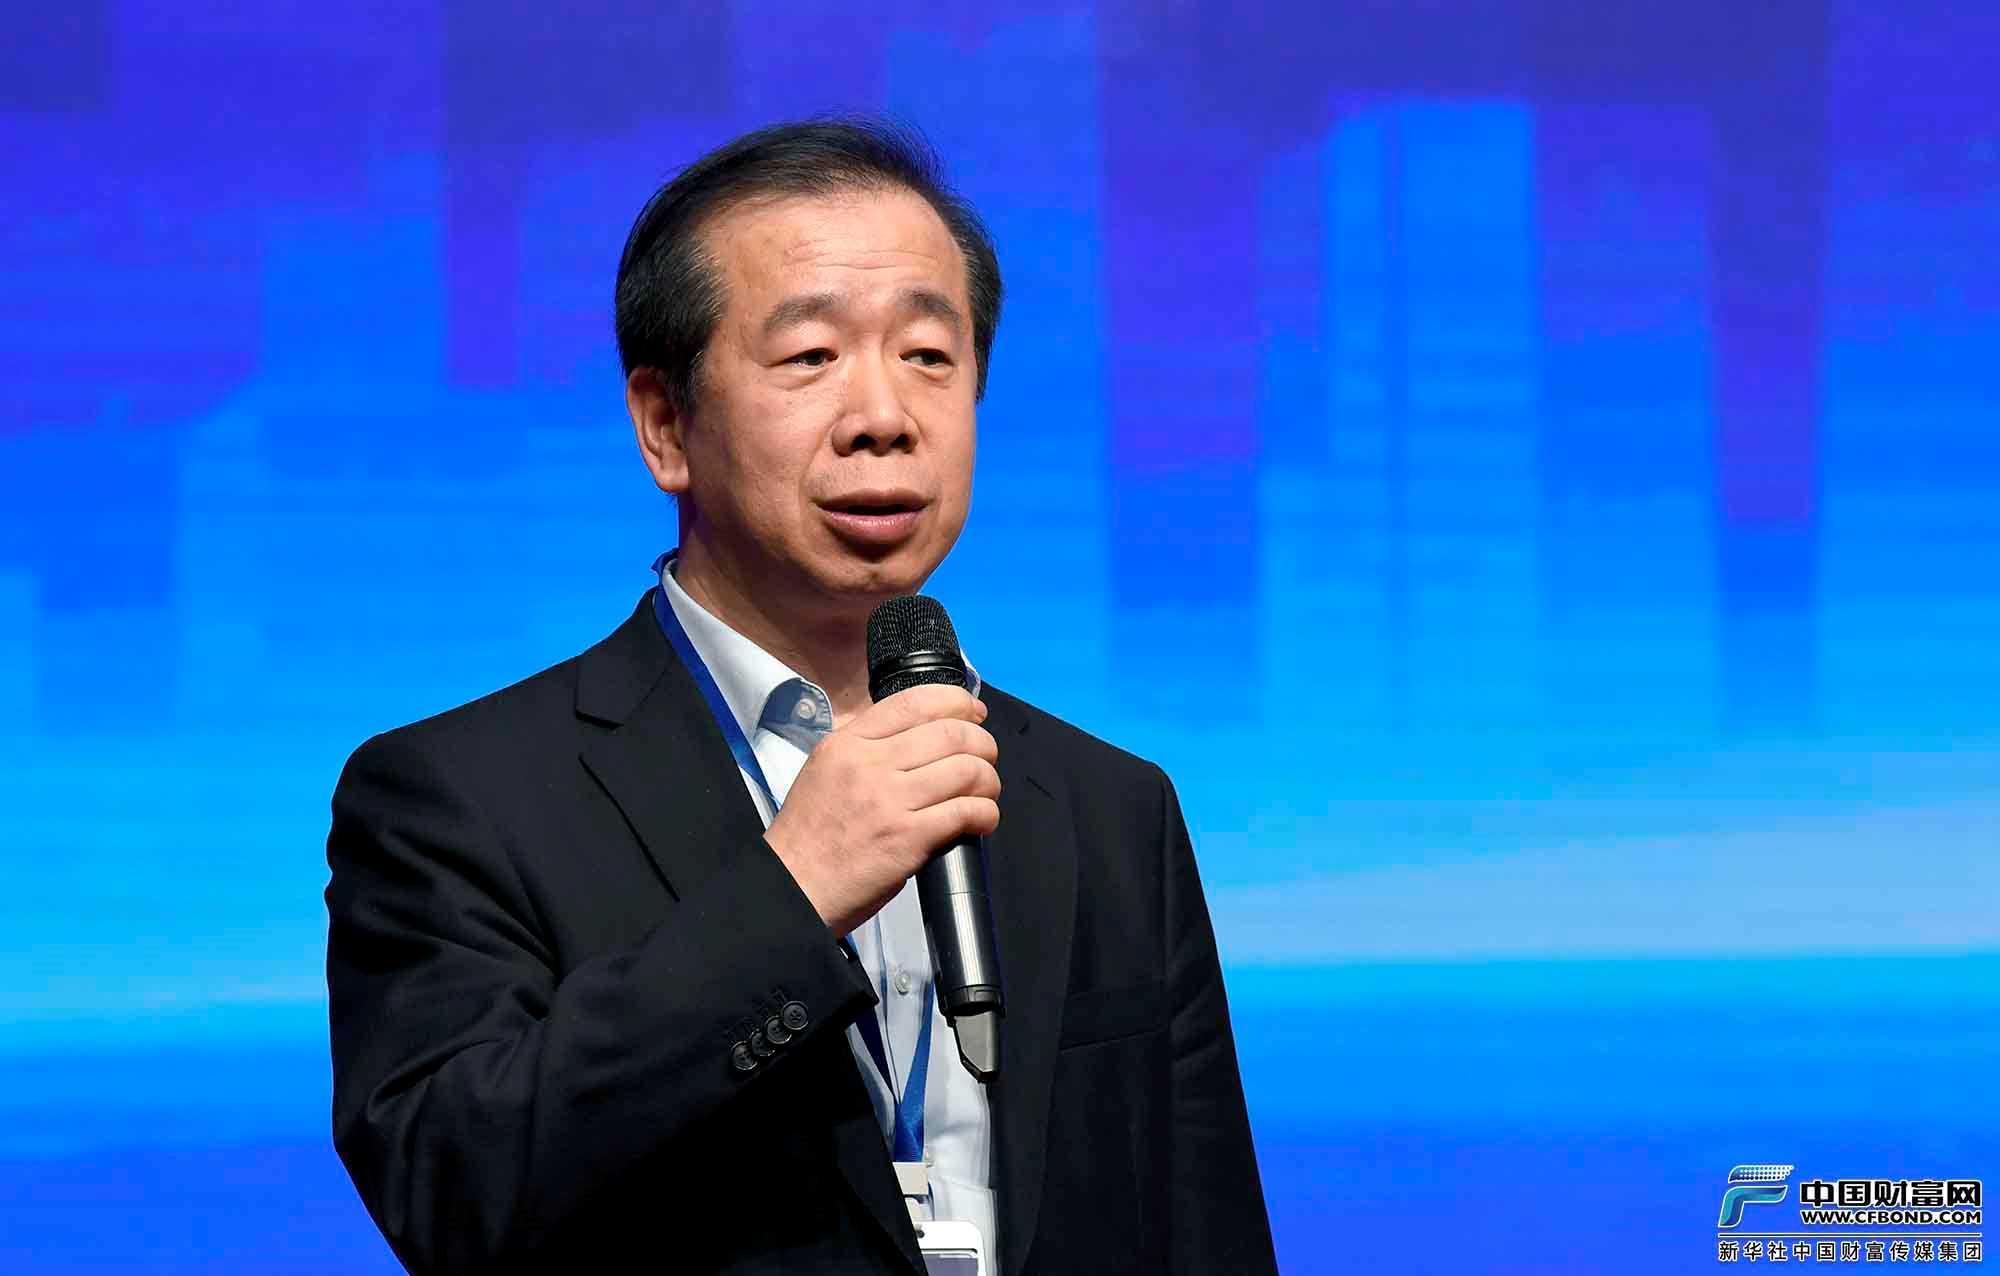 对话论坛主持人:黑龙江省鑫正投资担保集团有限公司董事长郎树峰